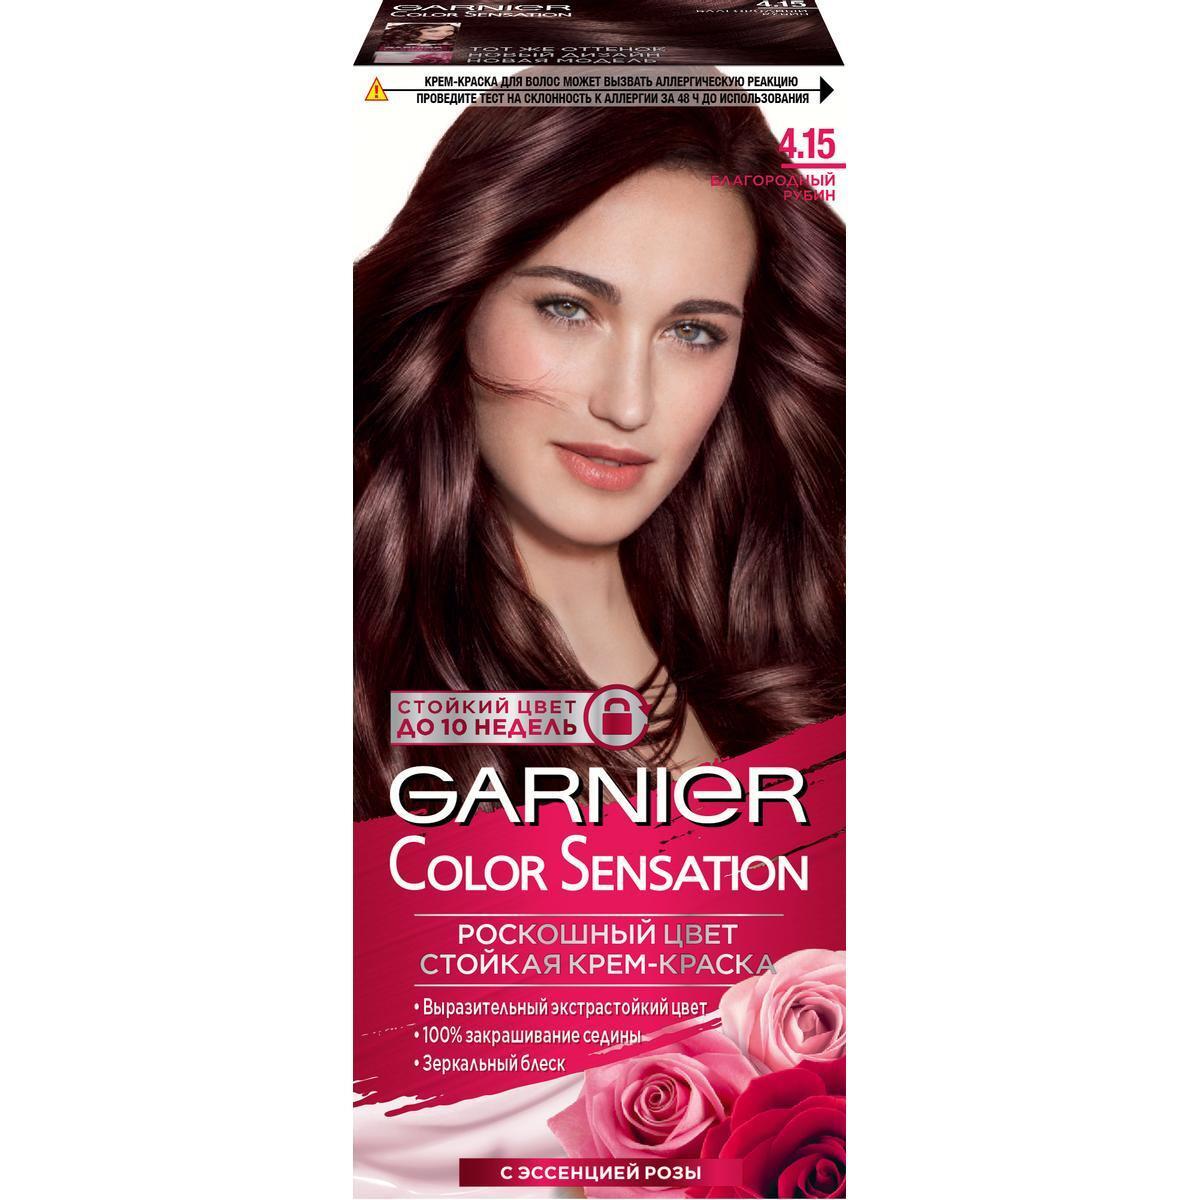 Garnier Color Sensation Стойкая крем-краска для волос Роскошь цвета, оттенок 4.15, Благородный рубин, #1